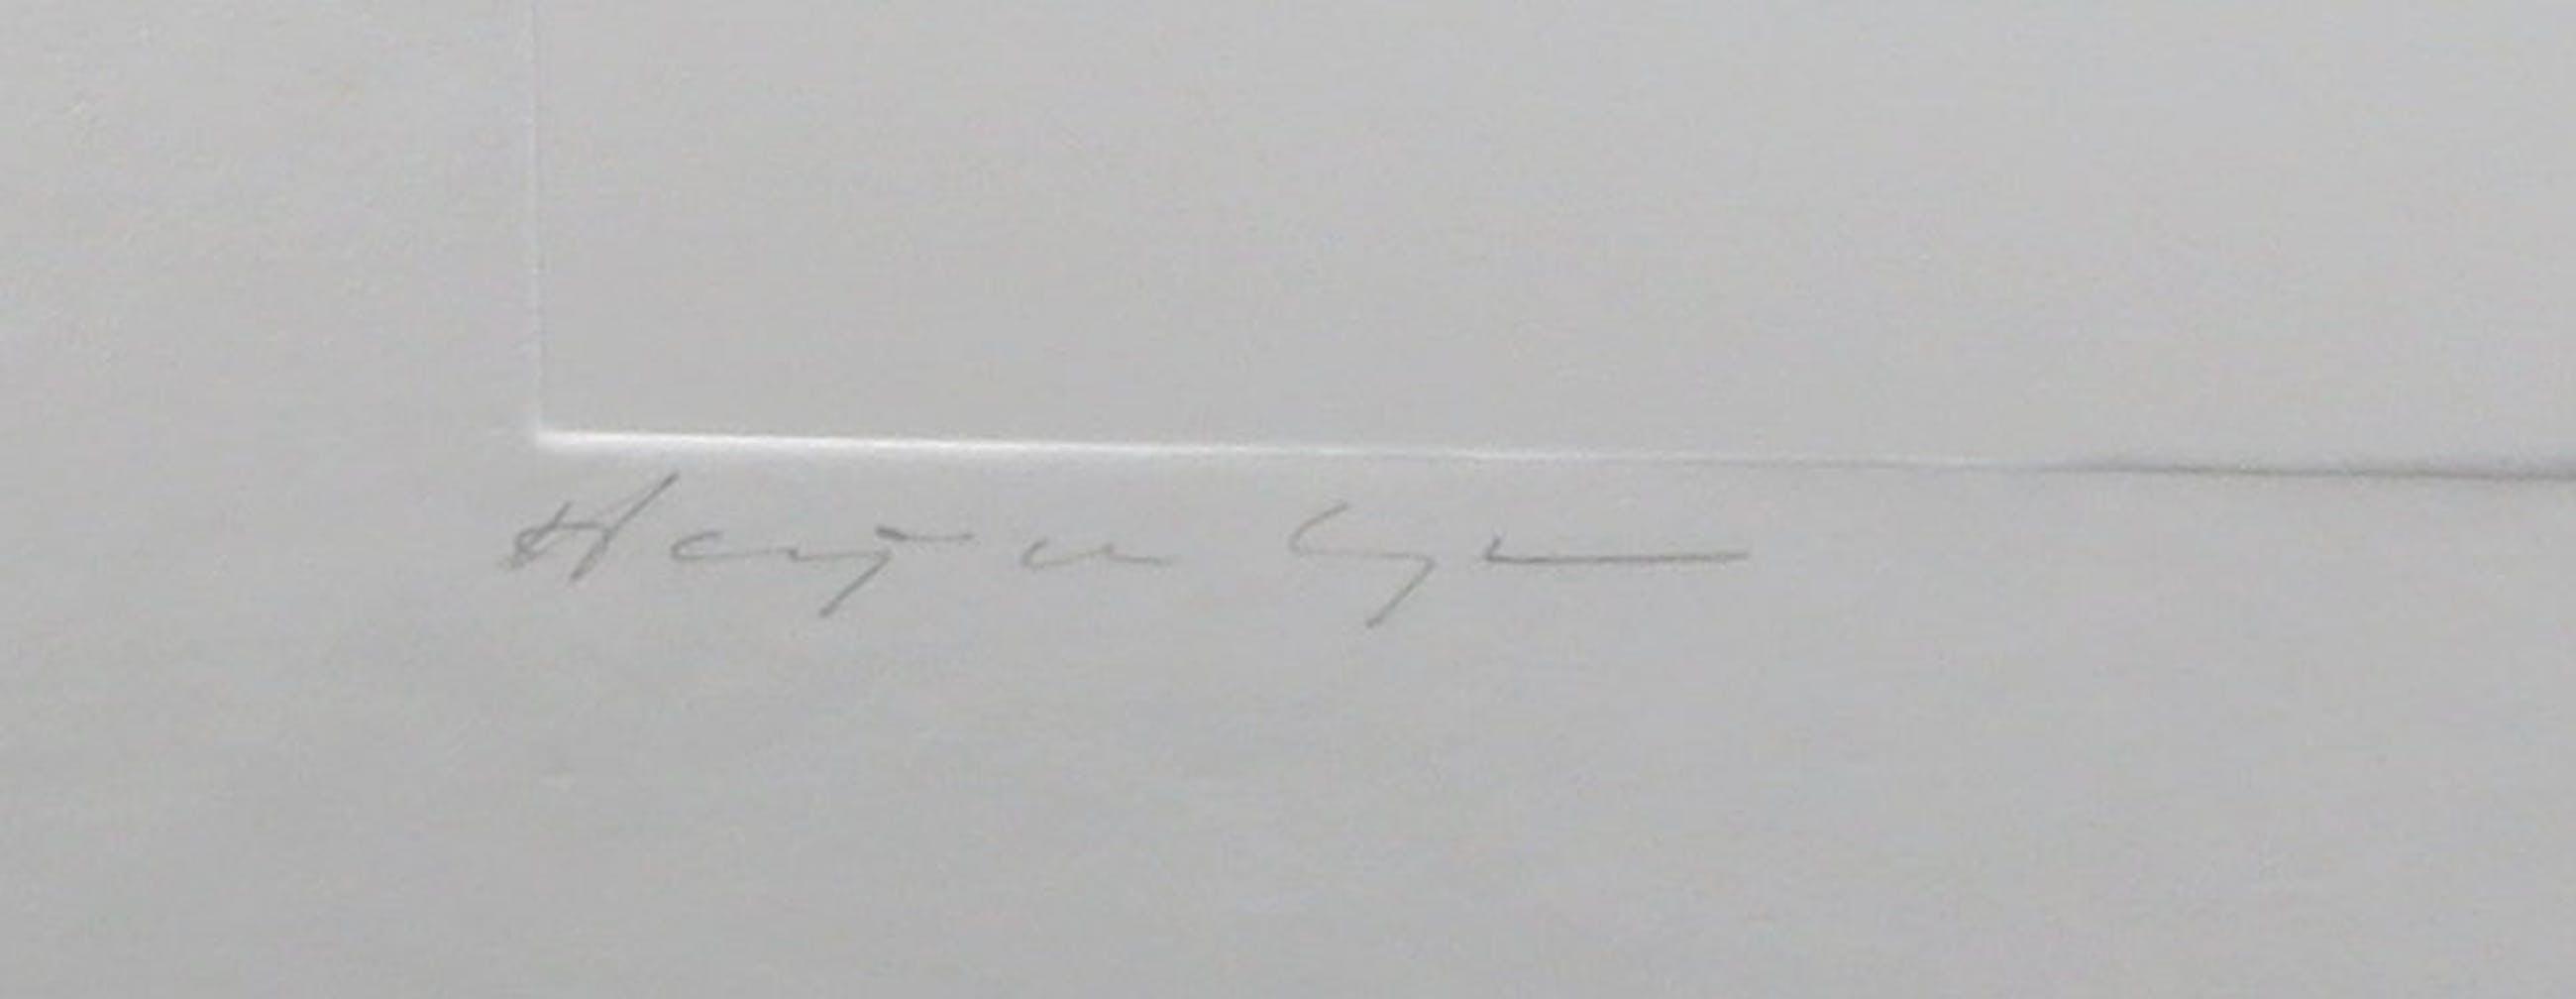 Harry van Kuyk - Reliëfdruk, U (uit het Groot Abecedarium) - Ingelijst kopen? Bied vanaf 150!